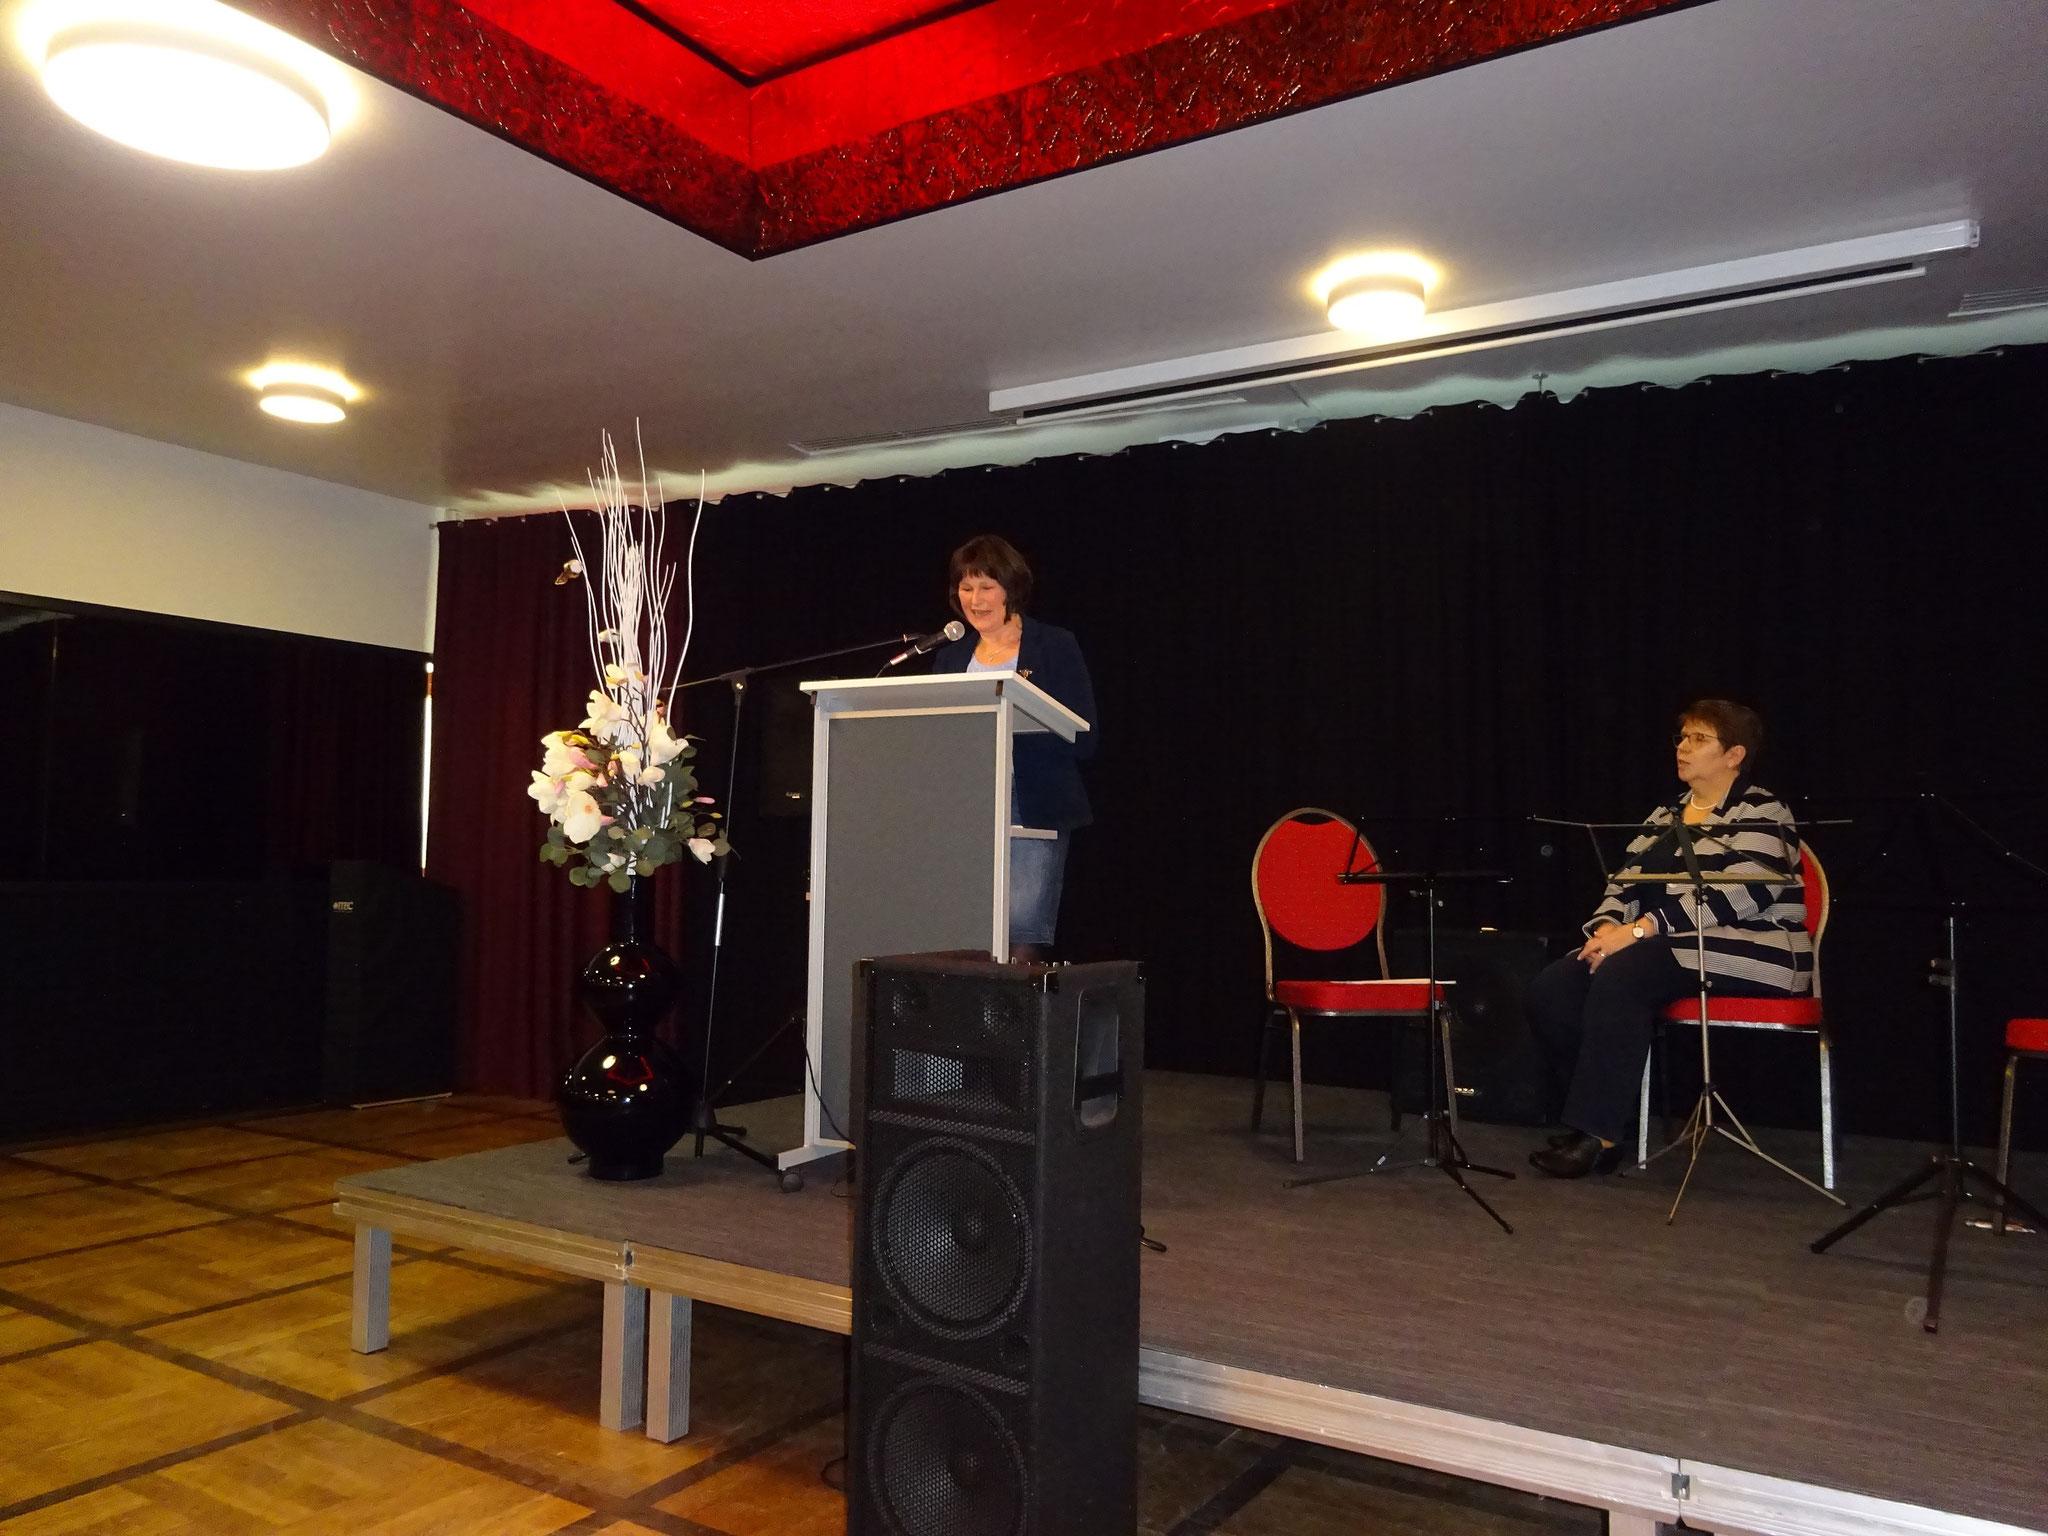 Grußwort Frau Petra Fahje,  Kreislandfrauenvorsitzende und Vertretung Landesverband